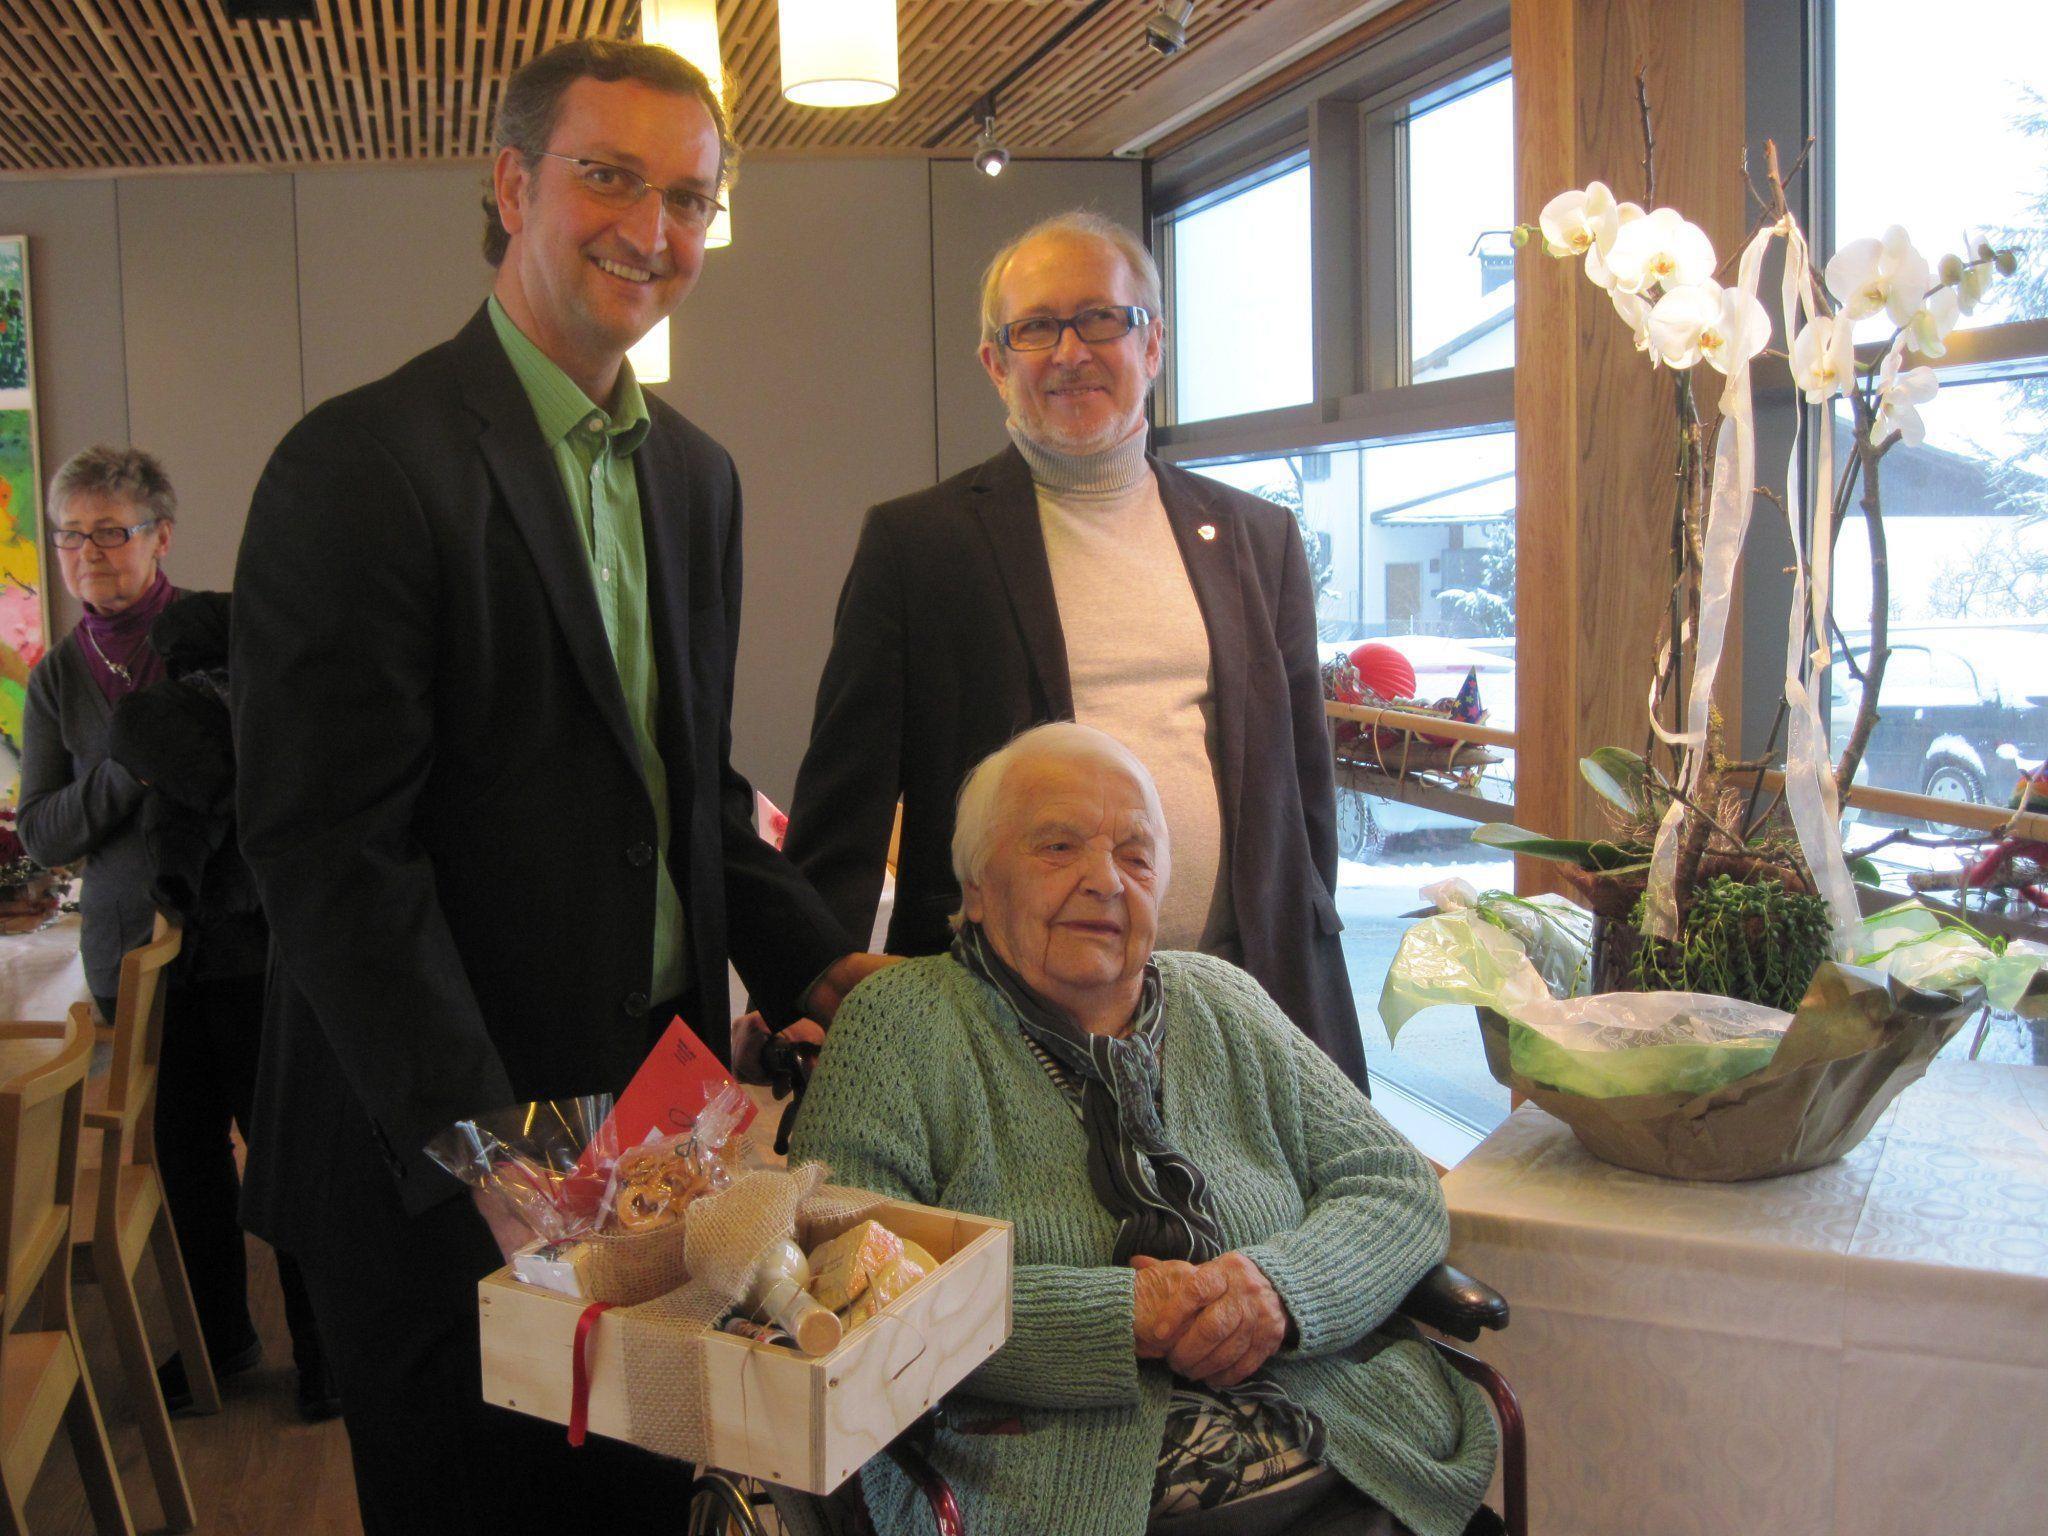 Lini mit den Gratulanten Bürgermeister Dieter Lauermann und Vize Hartwig Töpfer